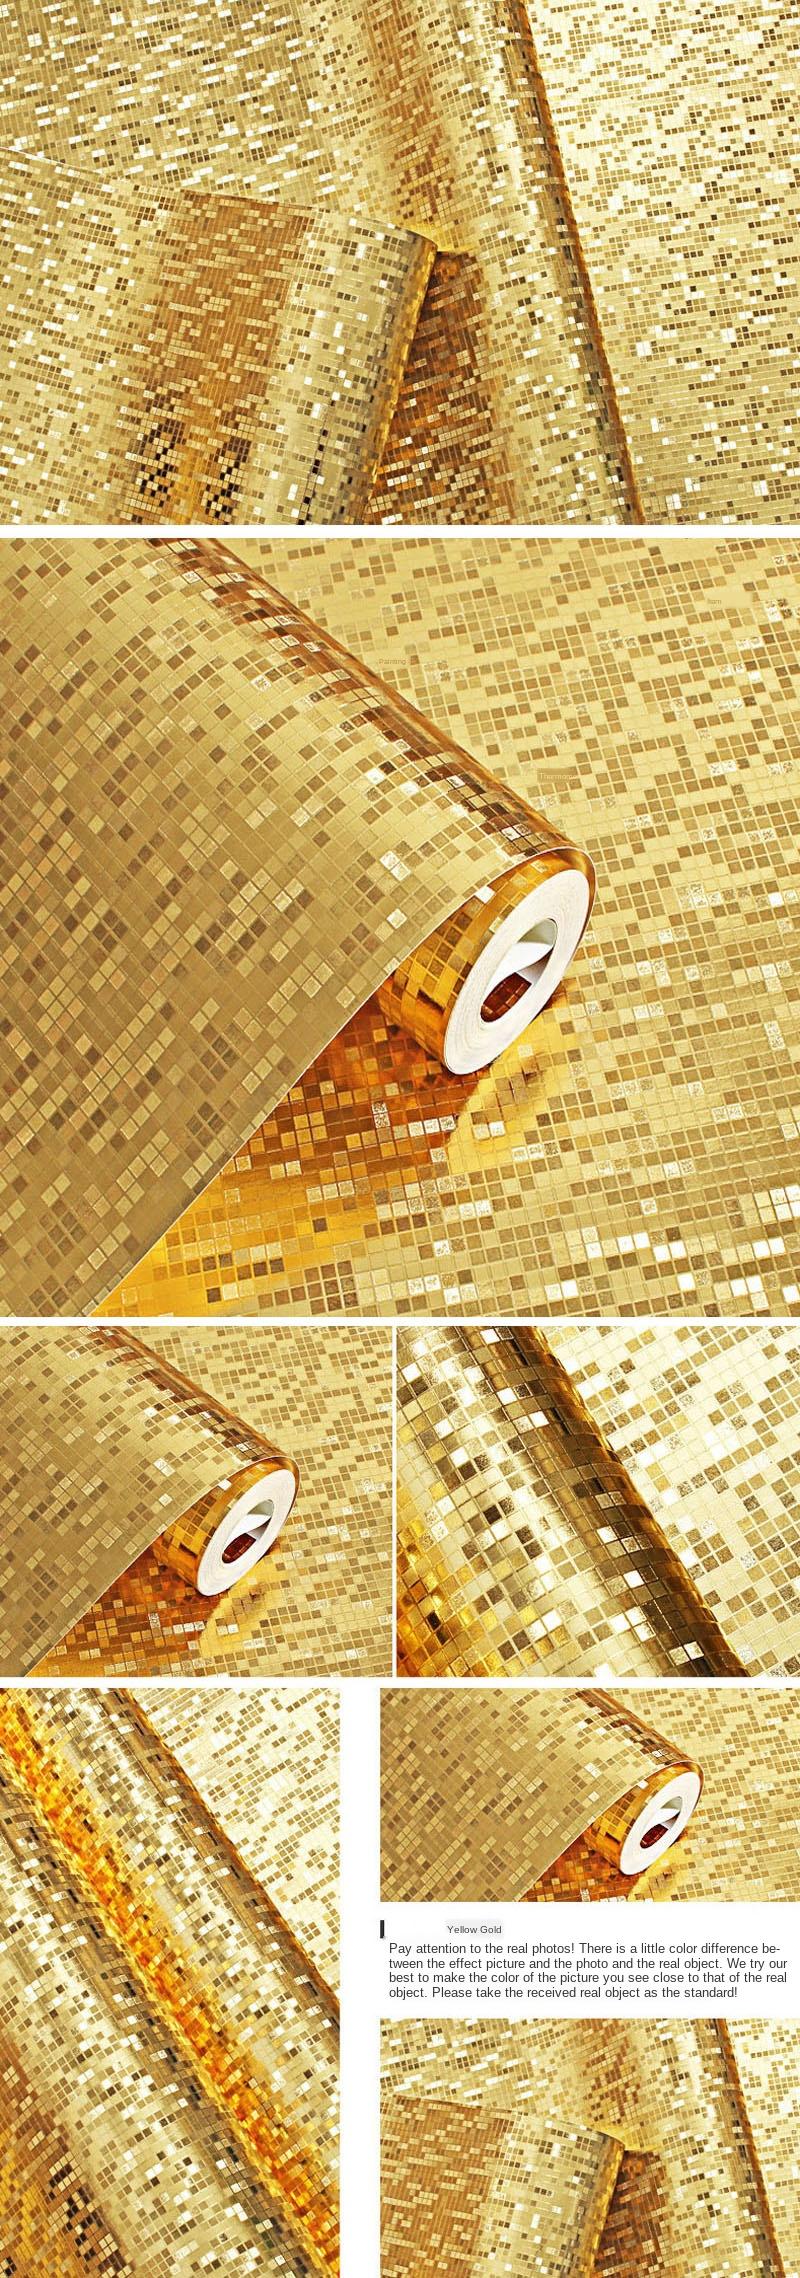 002   Golden   ↓↓↓